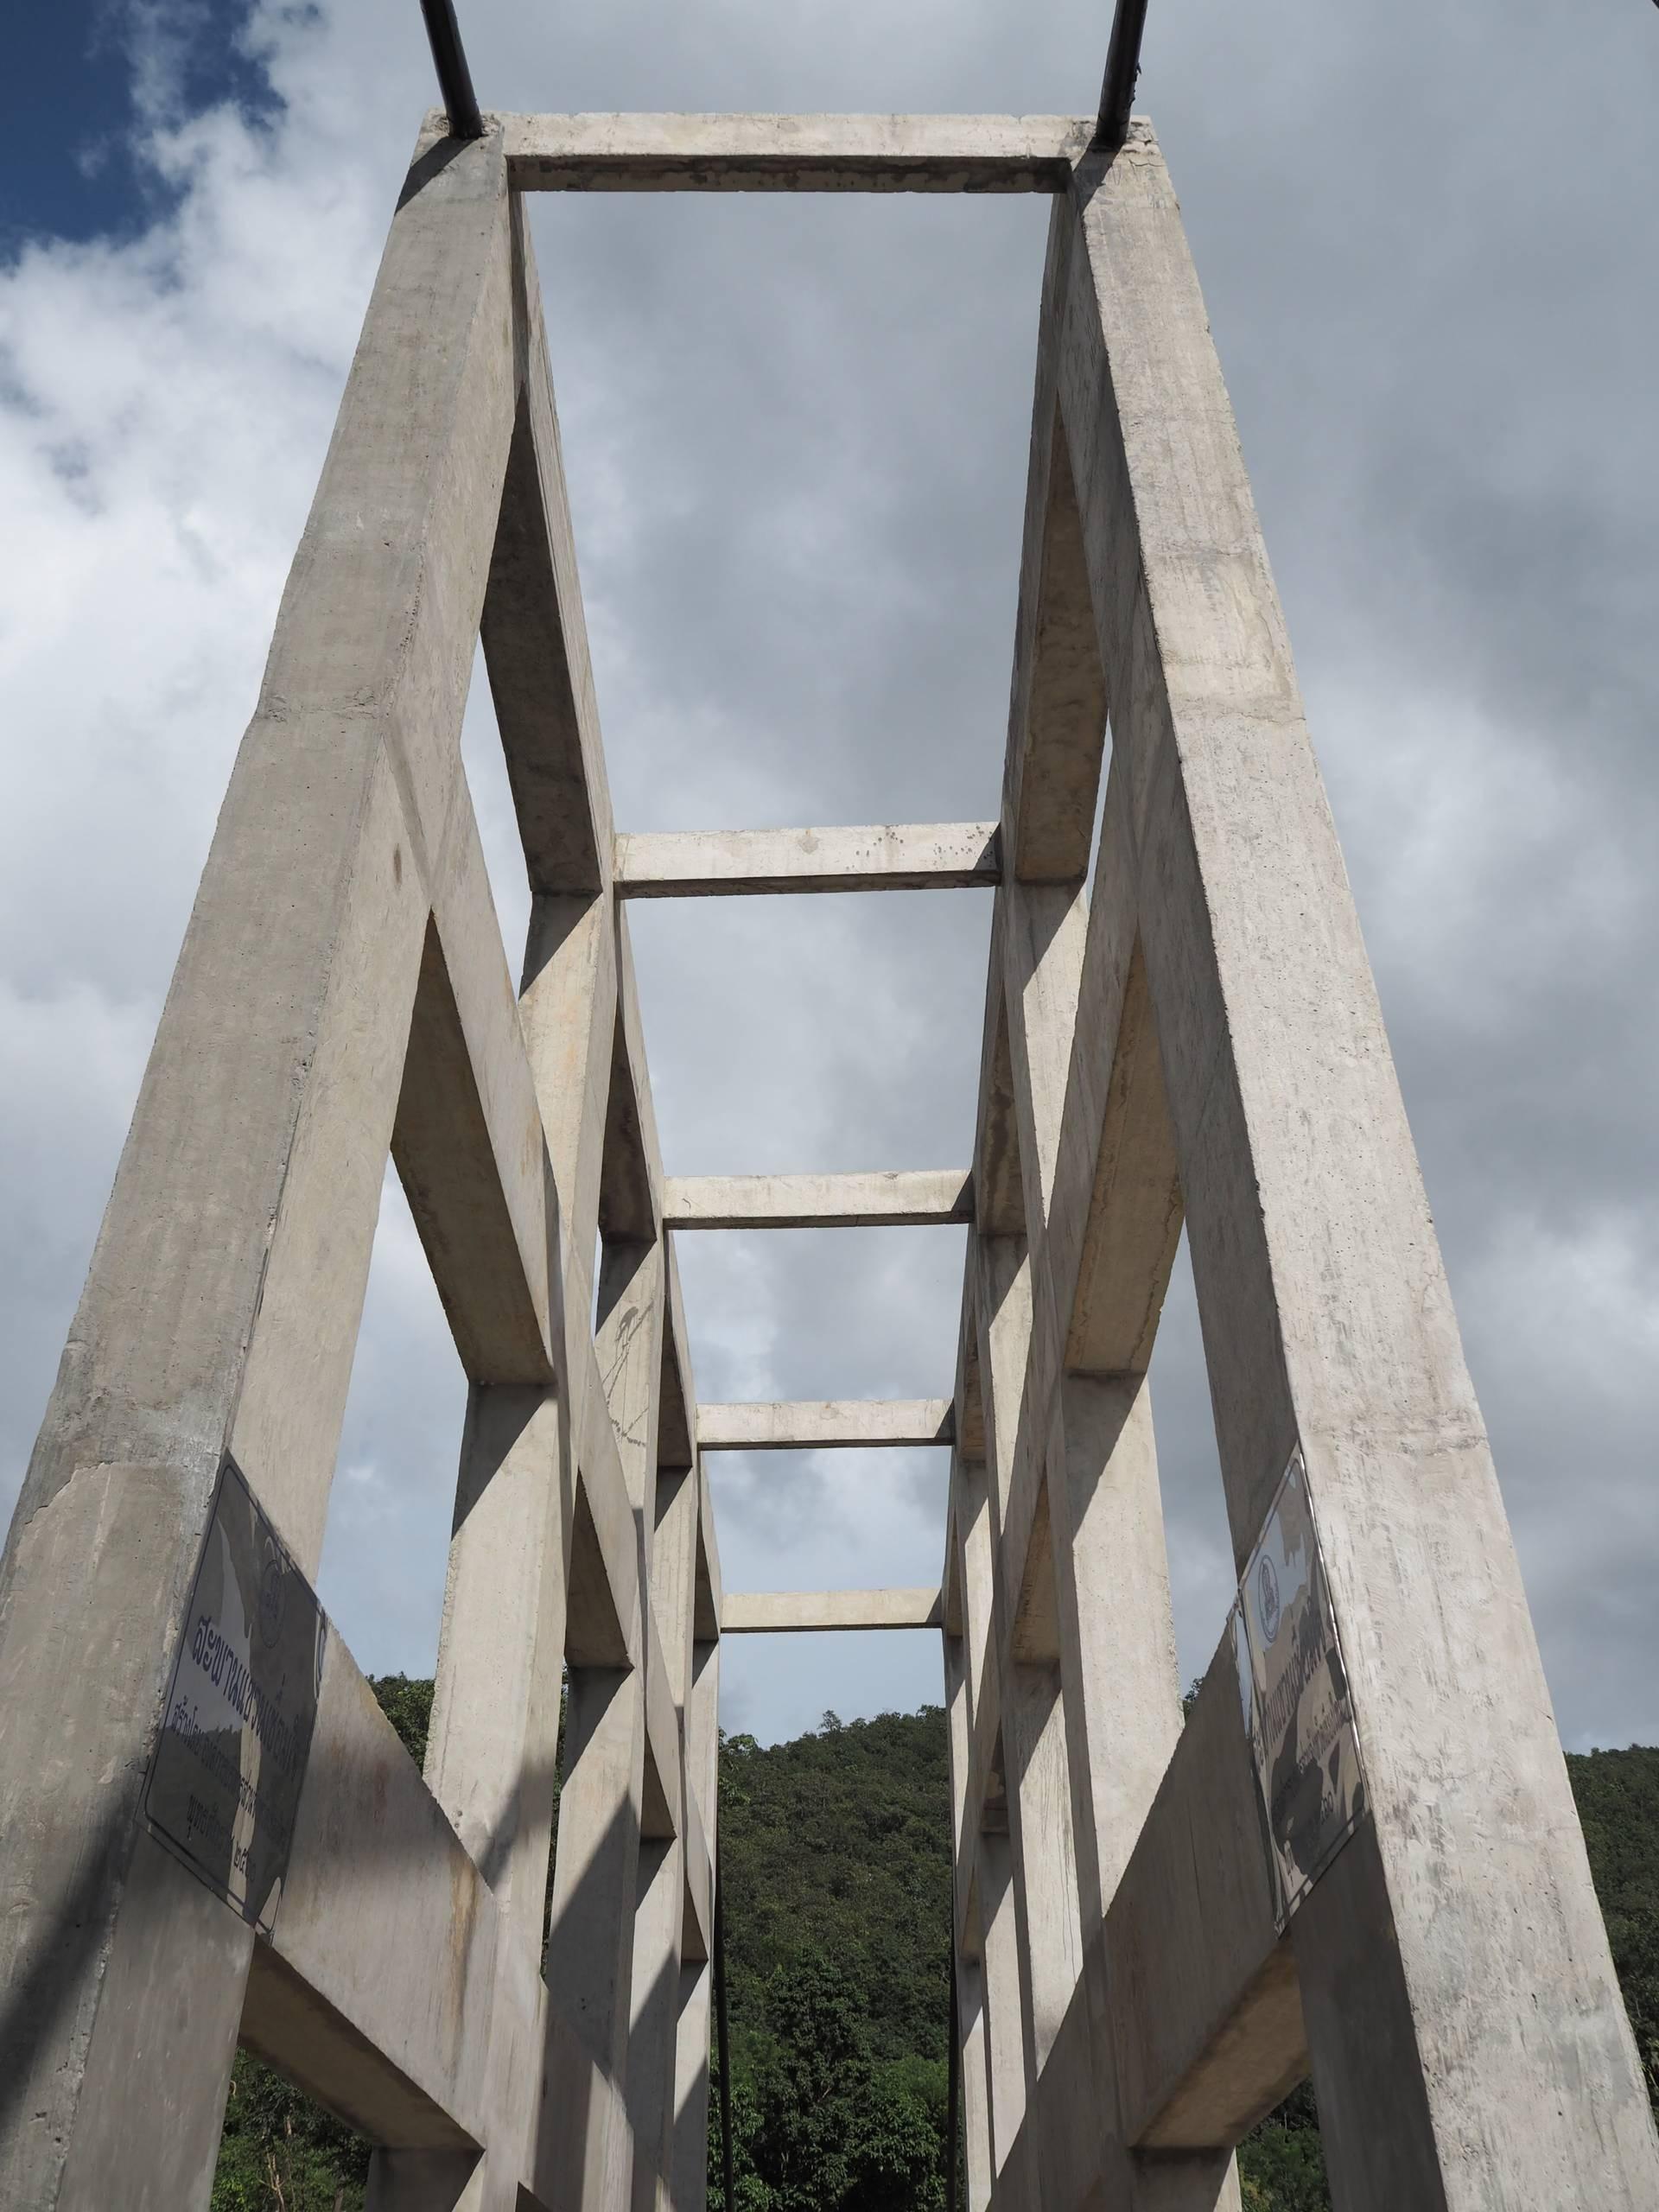 สะพานแขวนเขื่อนแม่กวง รับลมเย็นๆ ถ่ายรุปสวยๆ